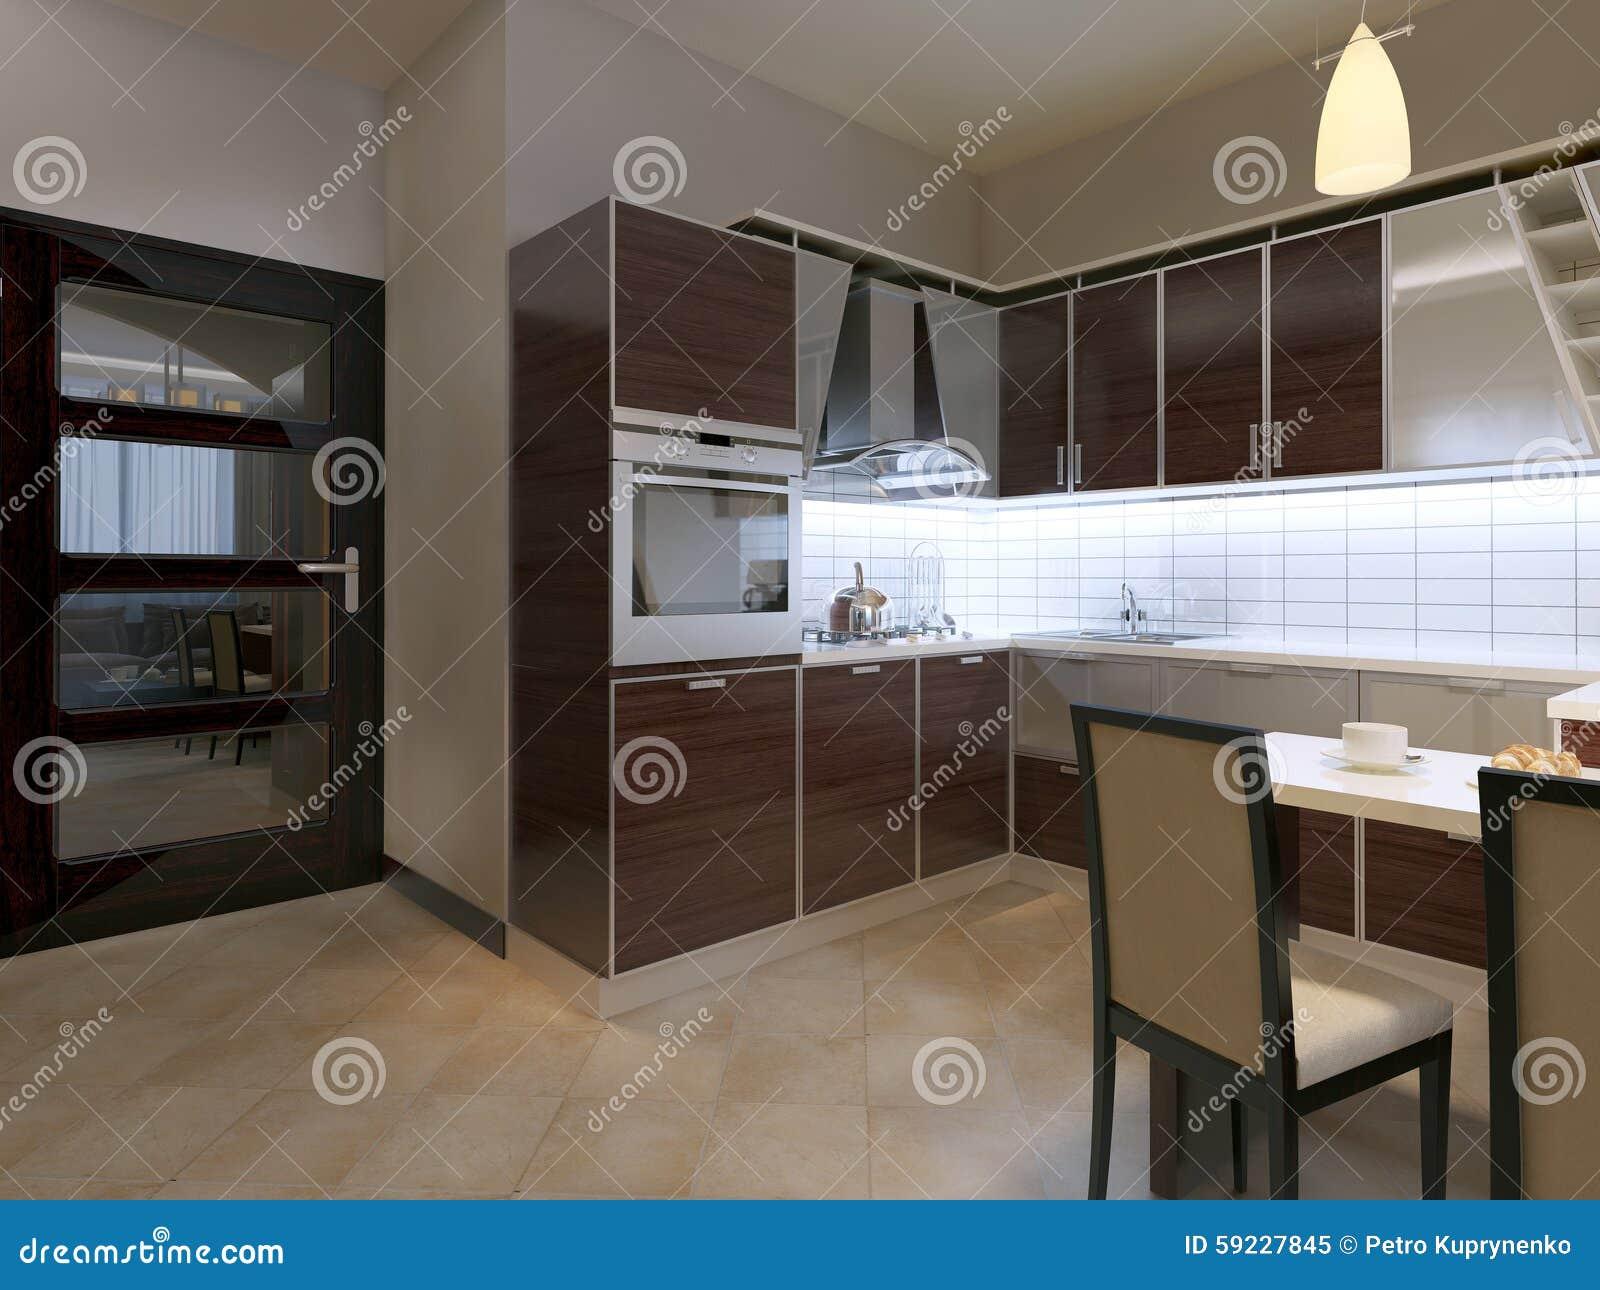 Download Cocina En Estilo Contemporáneo Stock de ilustración - Ilustración de cabina, contemporáneo: 59227845